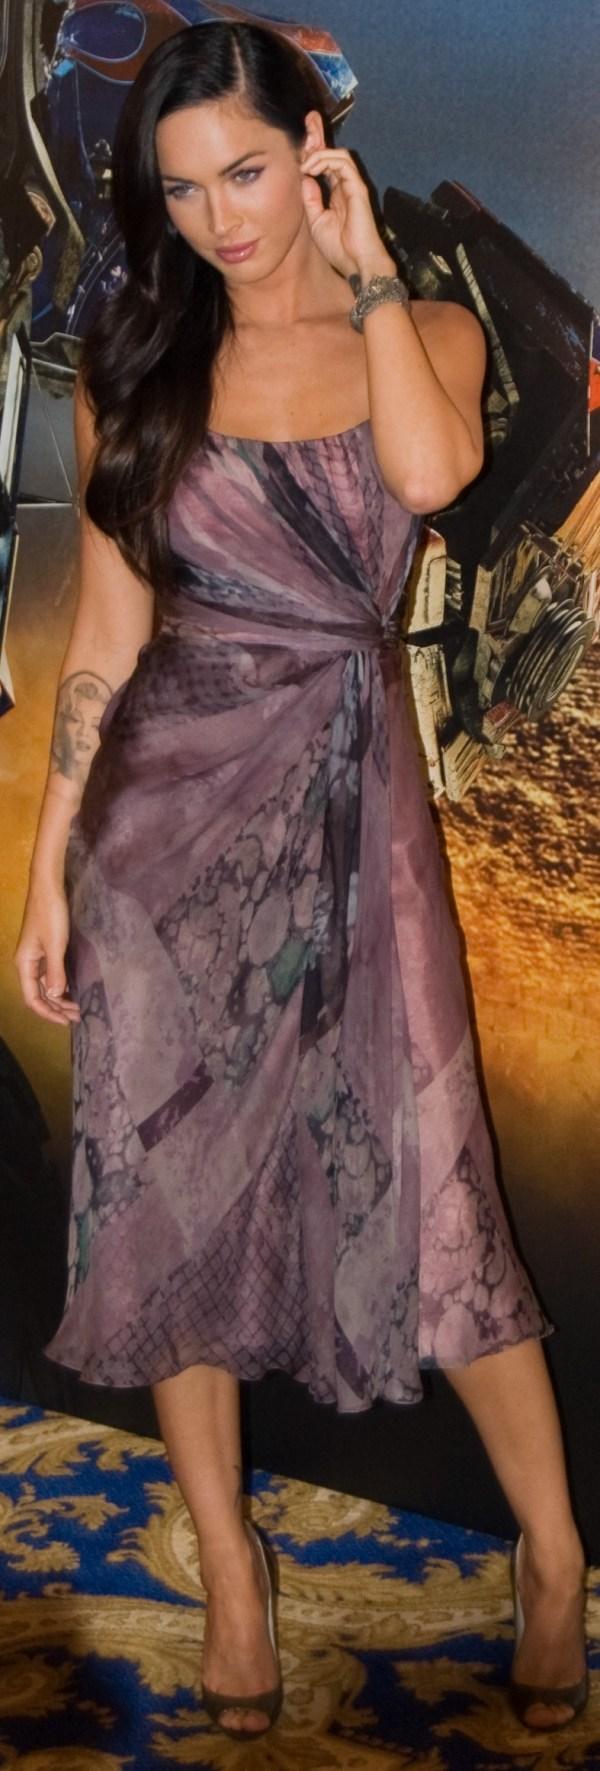 Transformers Megan Fox As